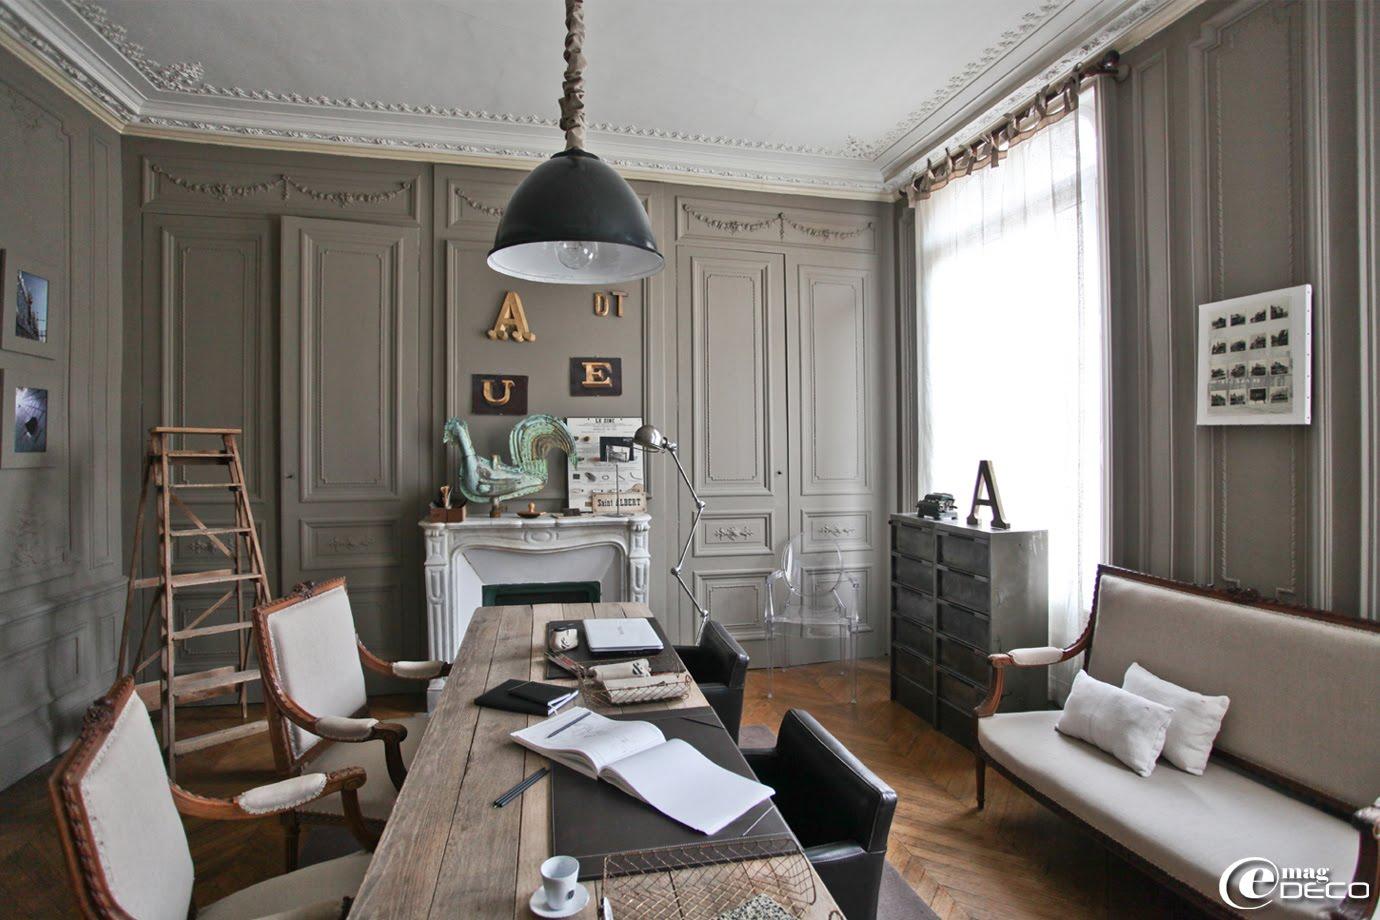 Une maison de passionns prs de Rouen  emagDECO  Magazine de dcoration